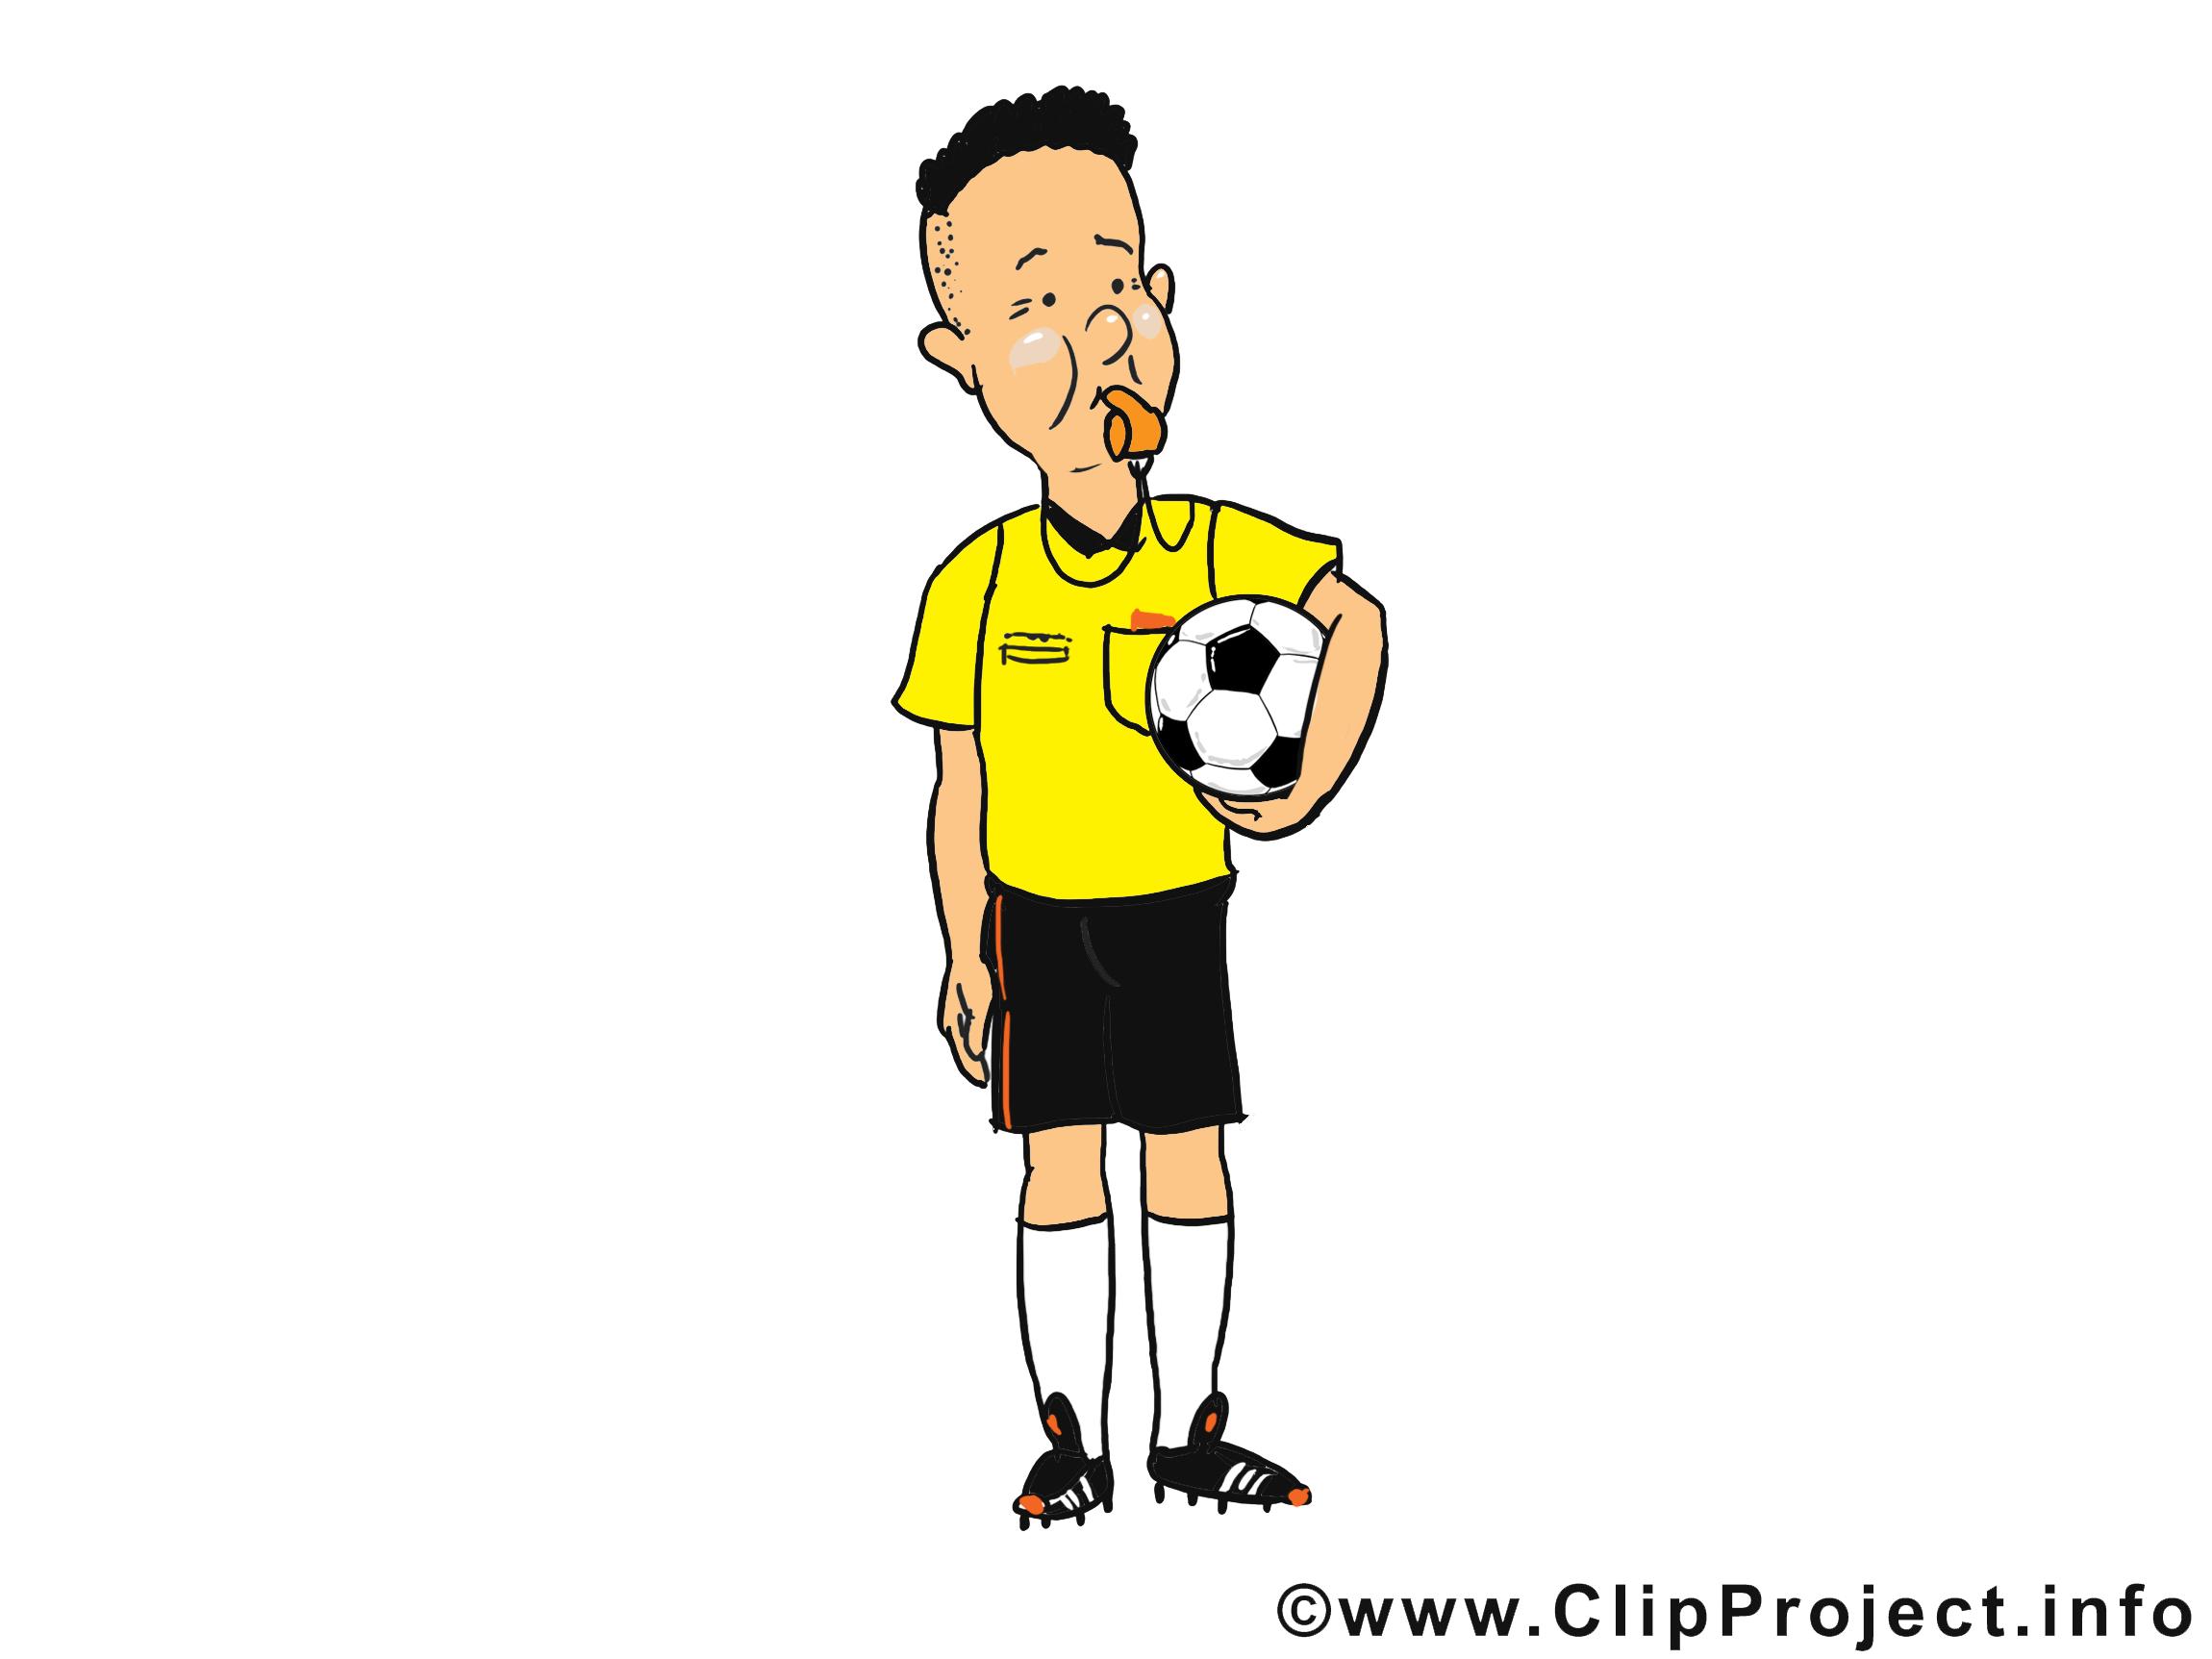 Football joueur image à télécharger gratuite